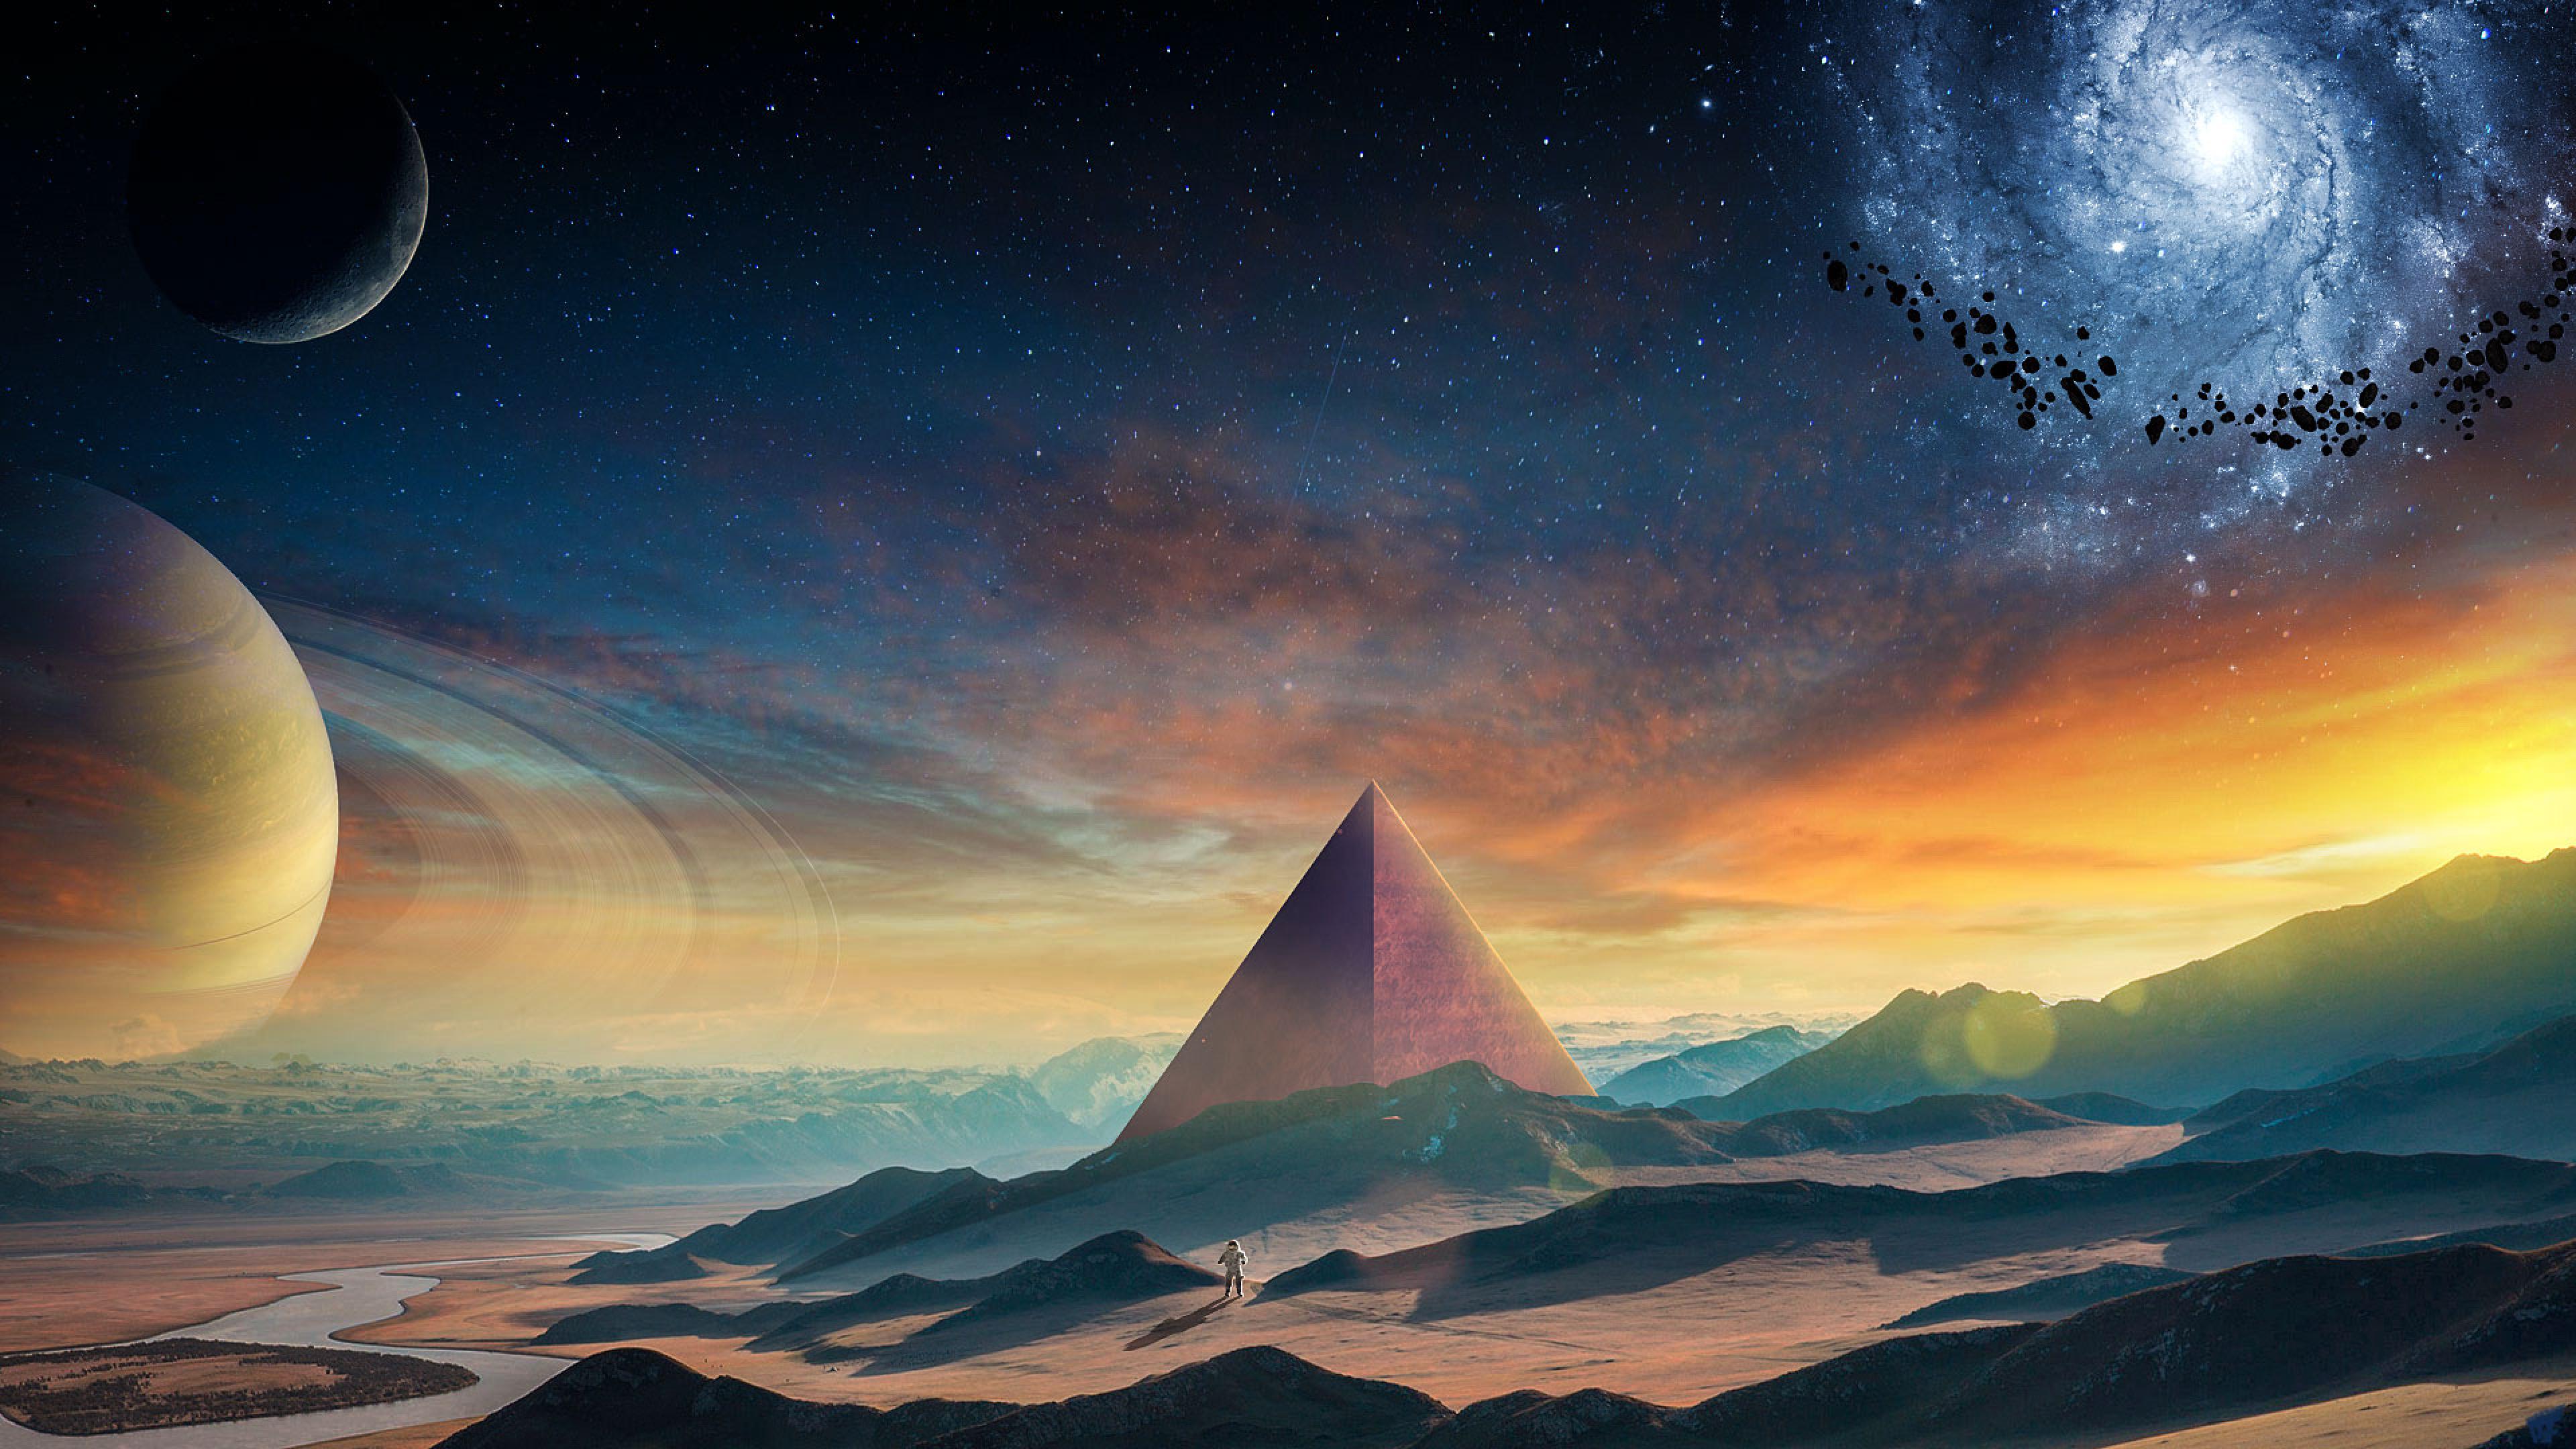 3840x2160 Astronaut Galaxy Pyramid 4k Wallpaper Hd Artist